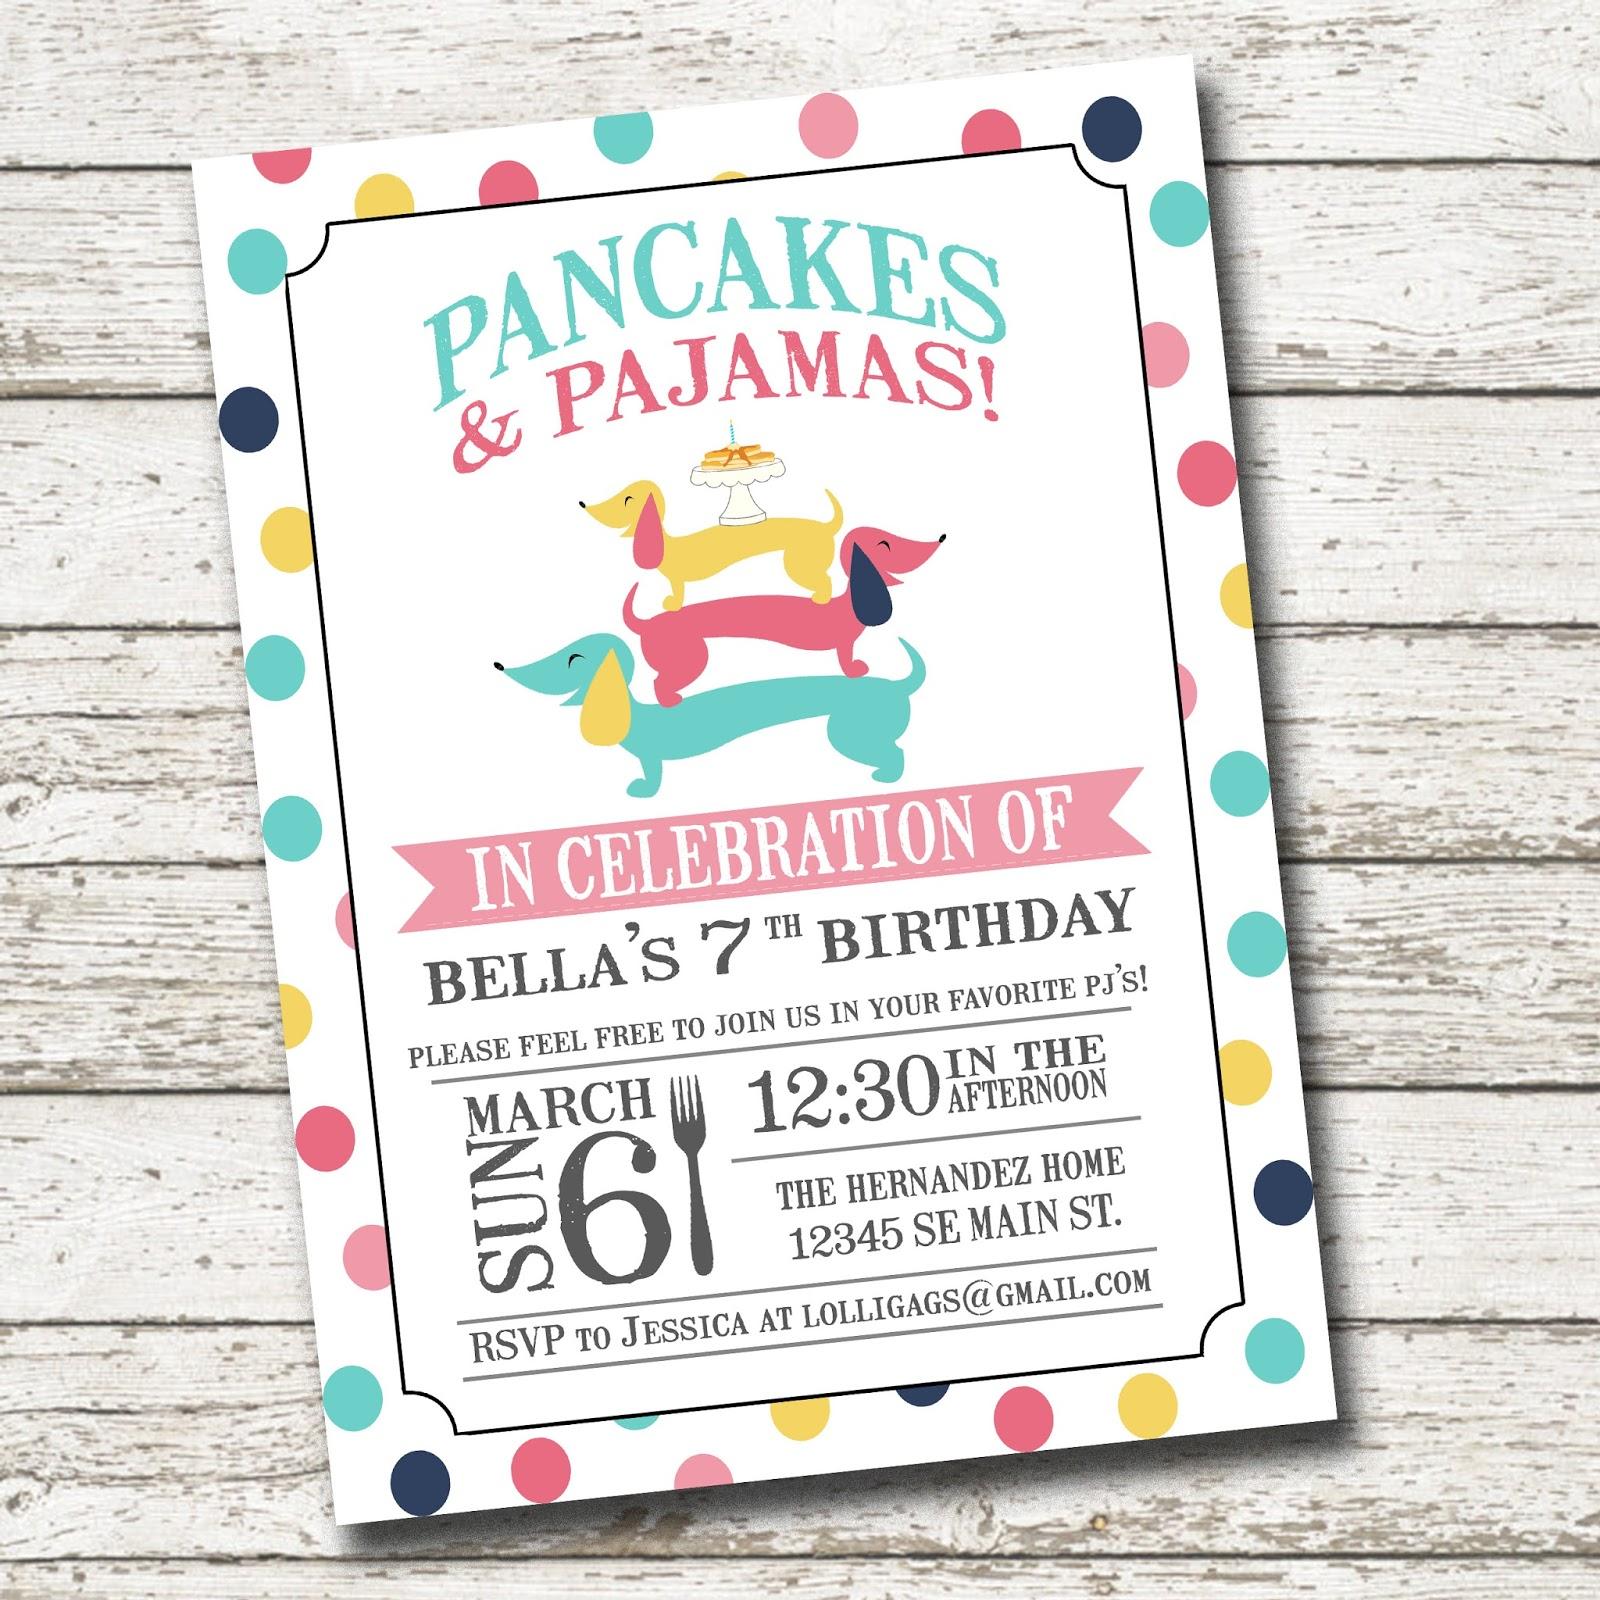 Lolligags: Pancakes & Pajamas Birthday Party